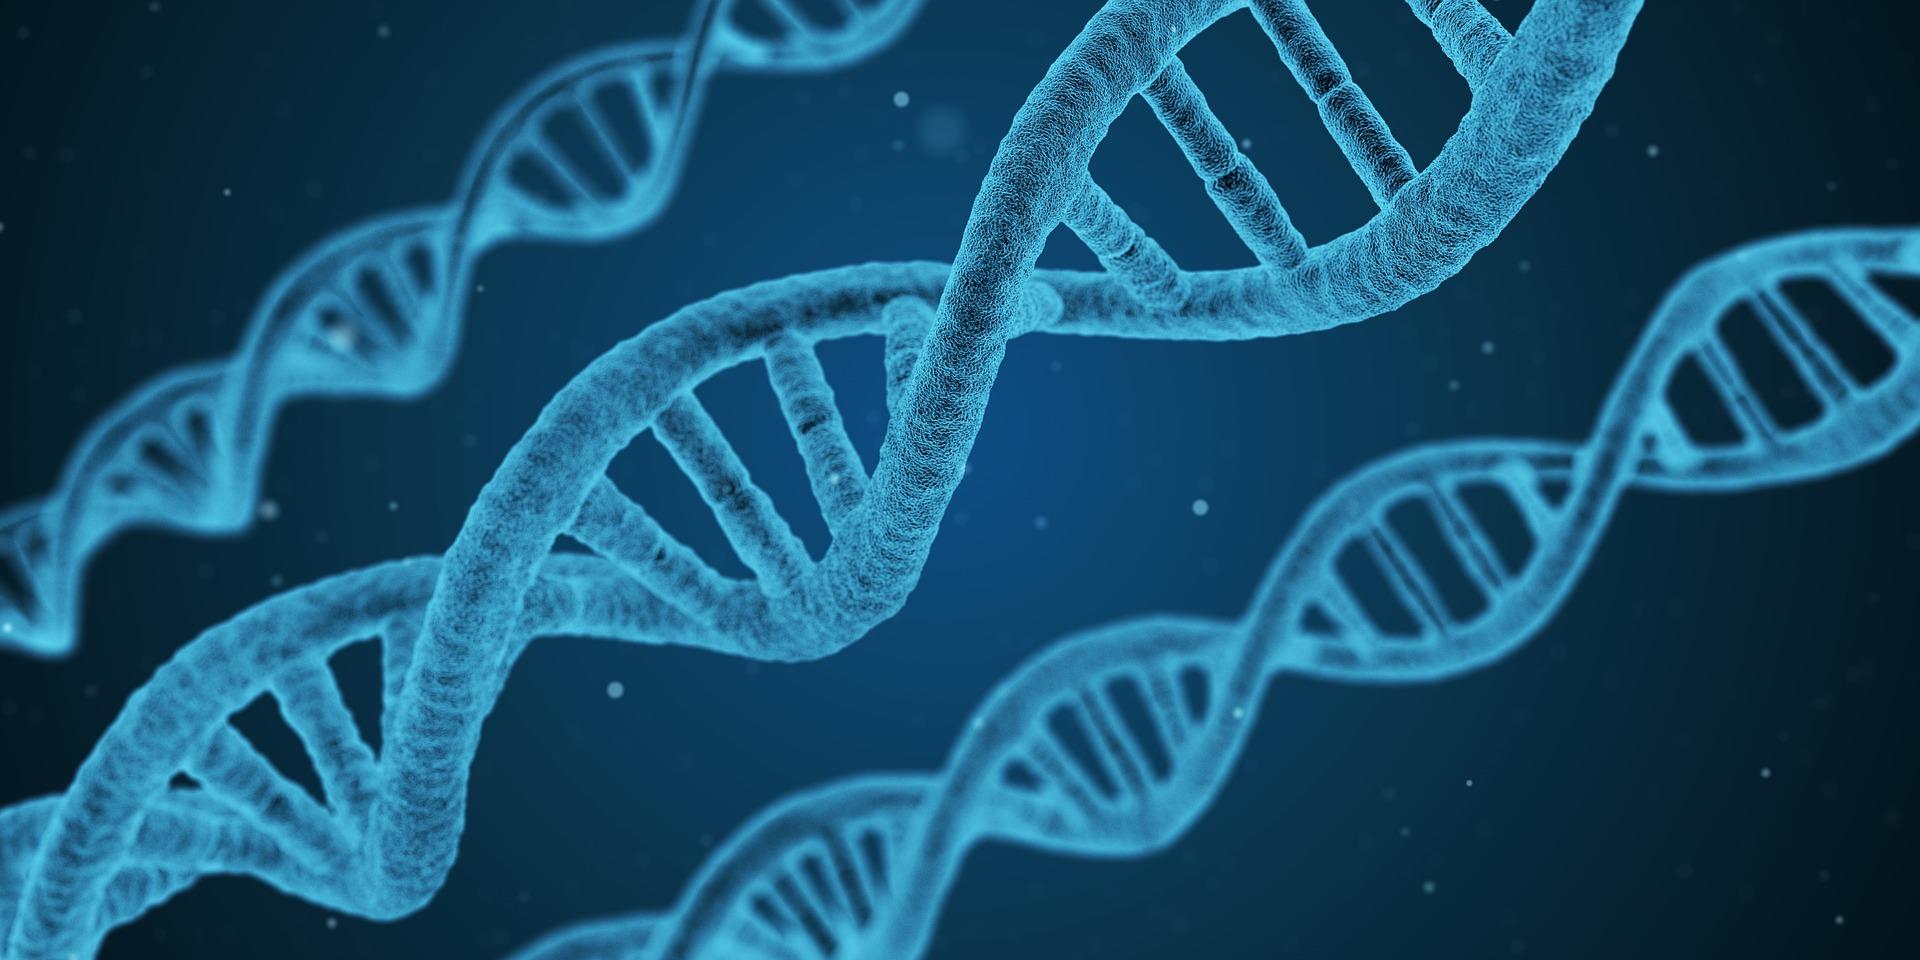 Nuestro ADN responde a emociones